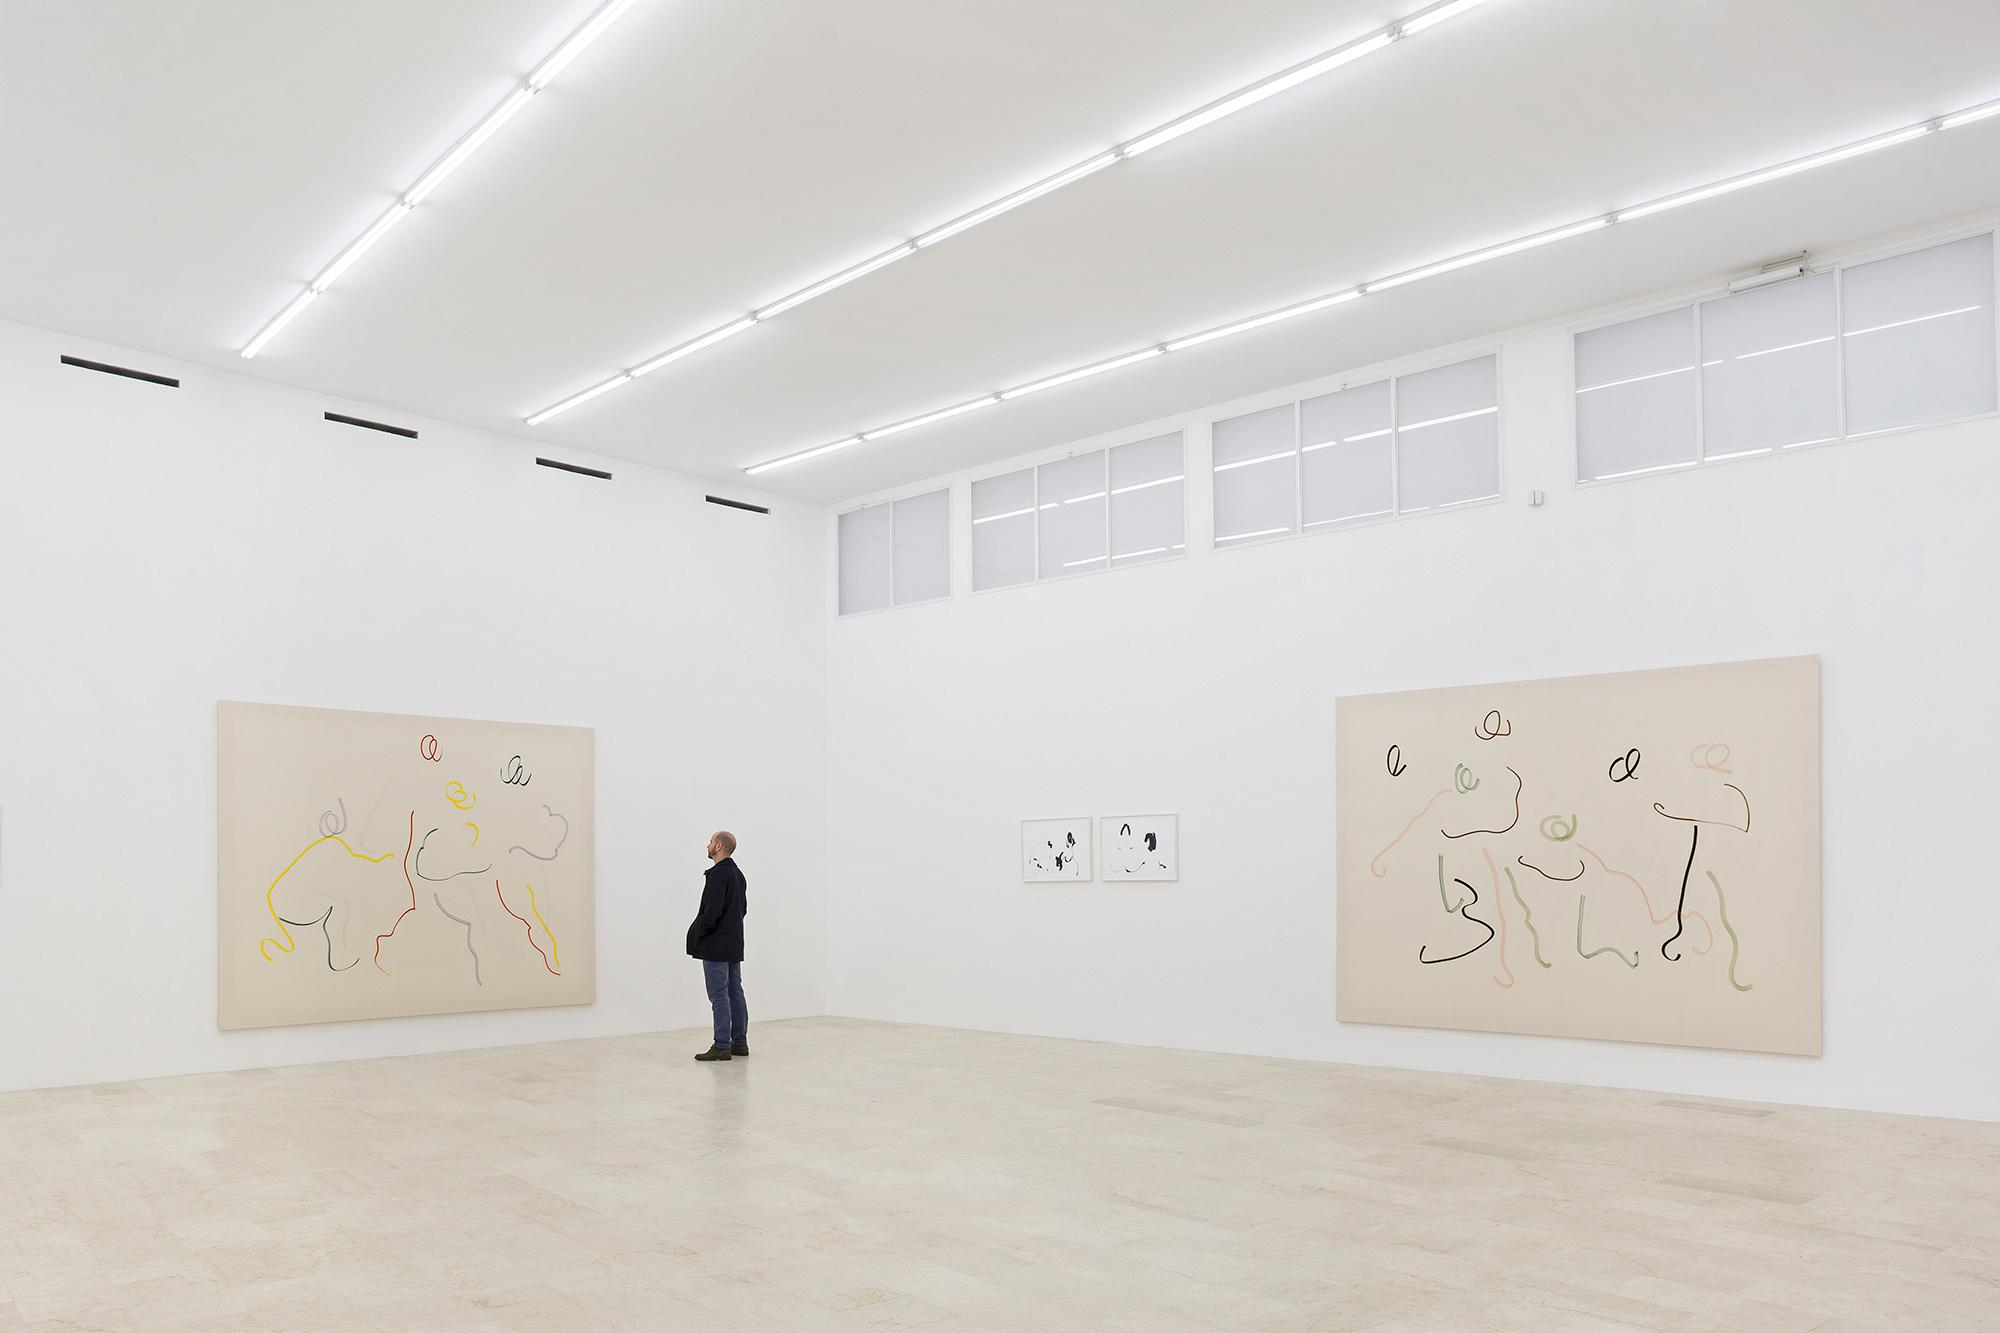 Riccardo baruzzi artista e opere alla galleria p420 p420 for Mostre pittura 2017